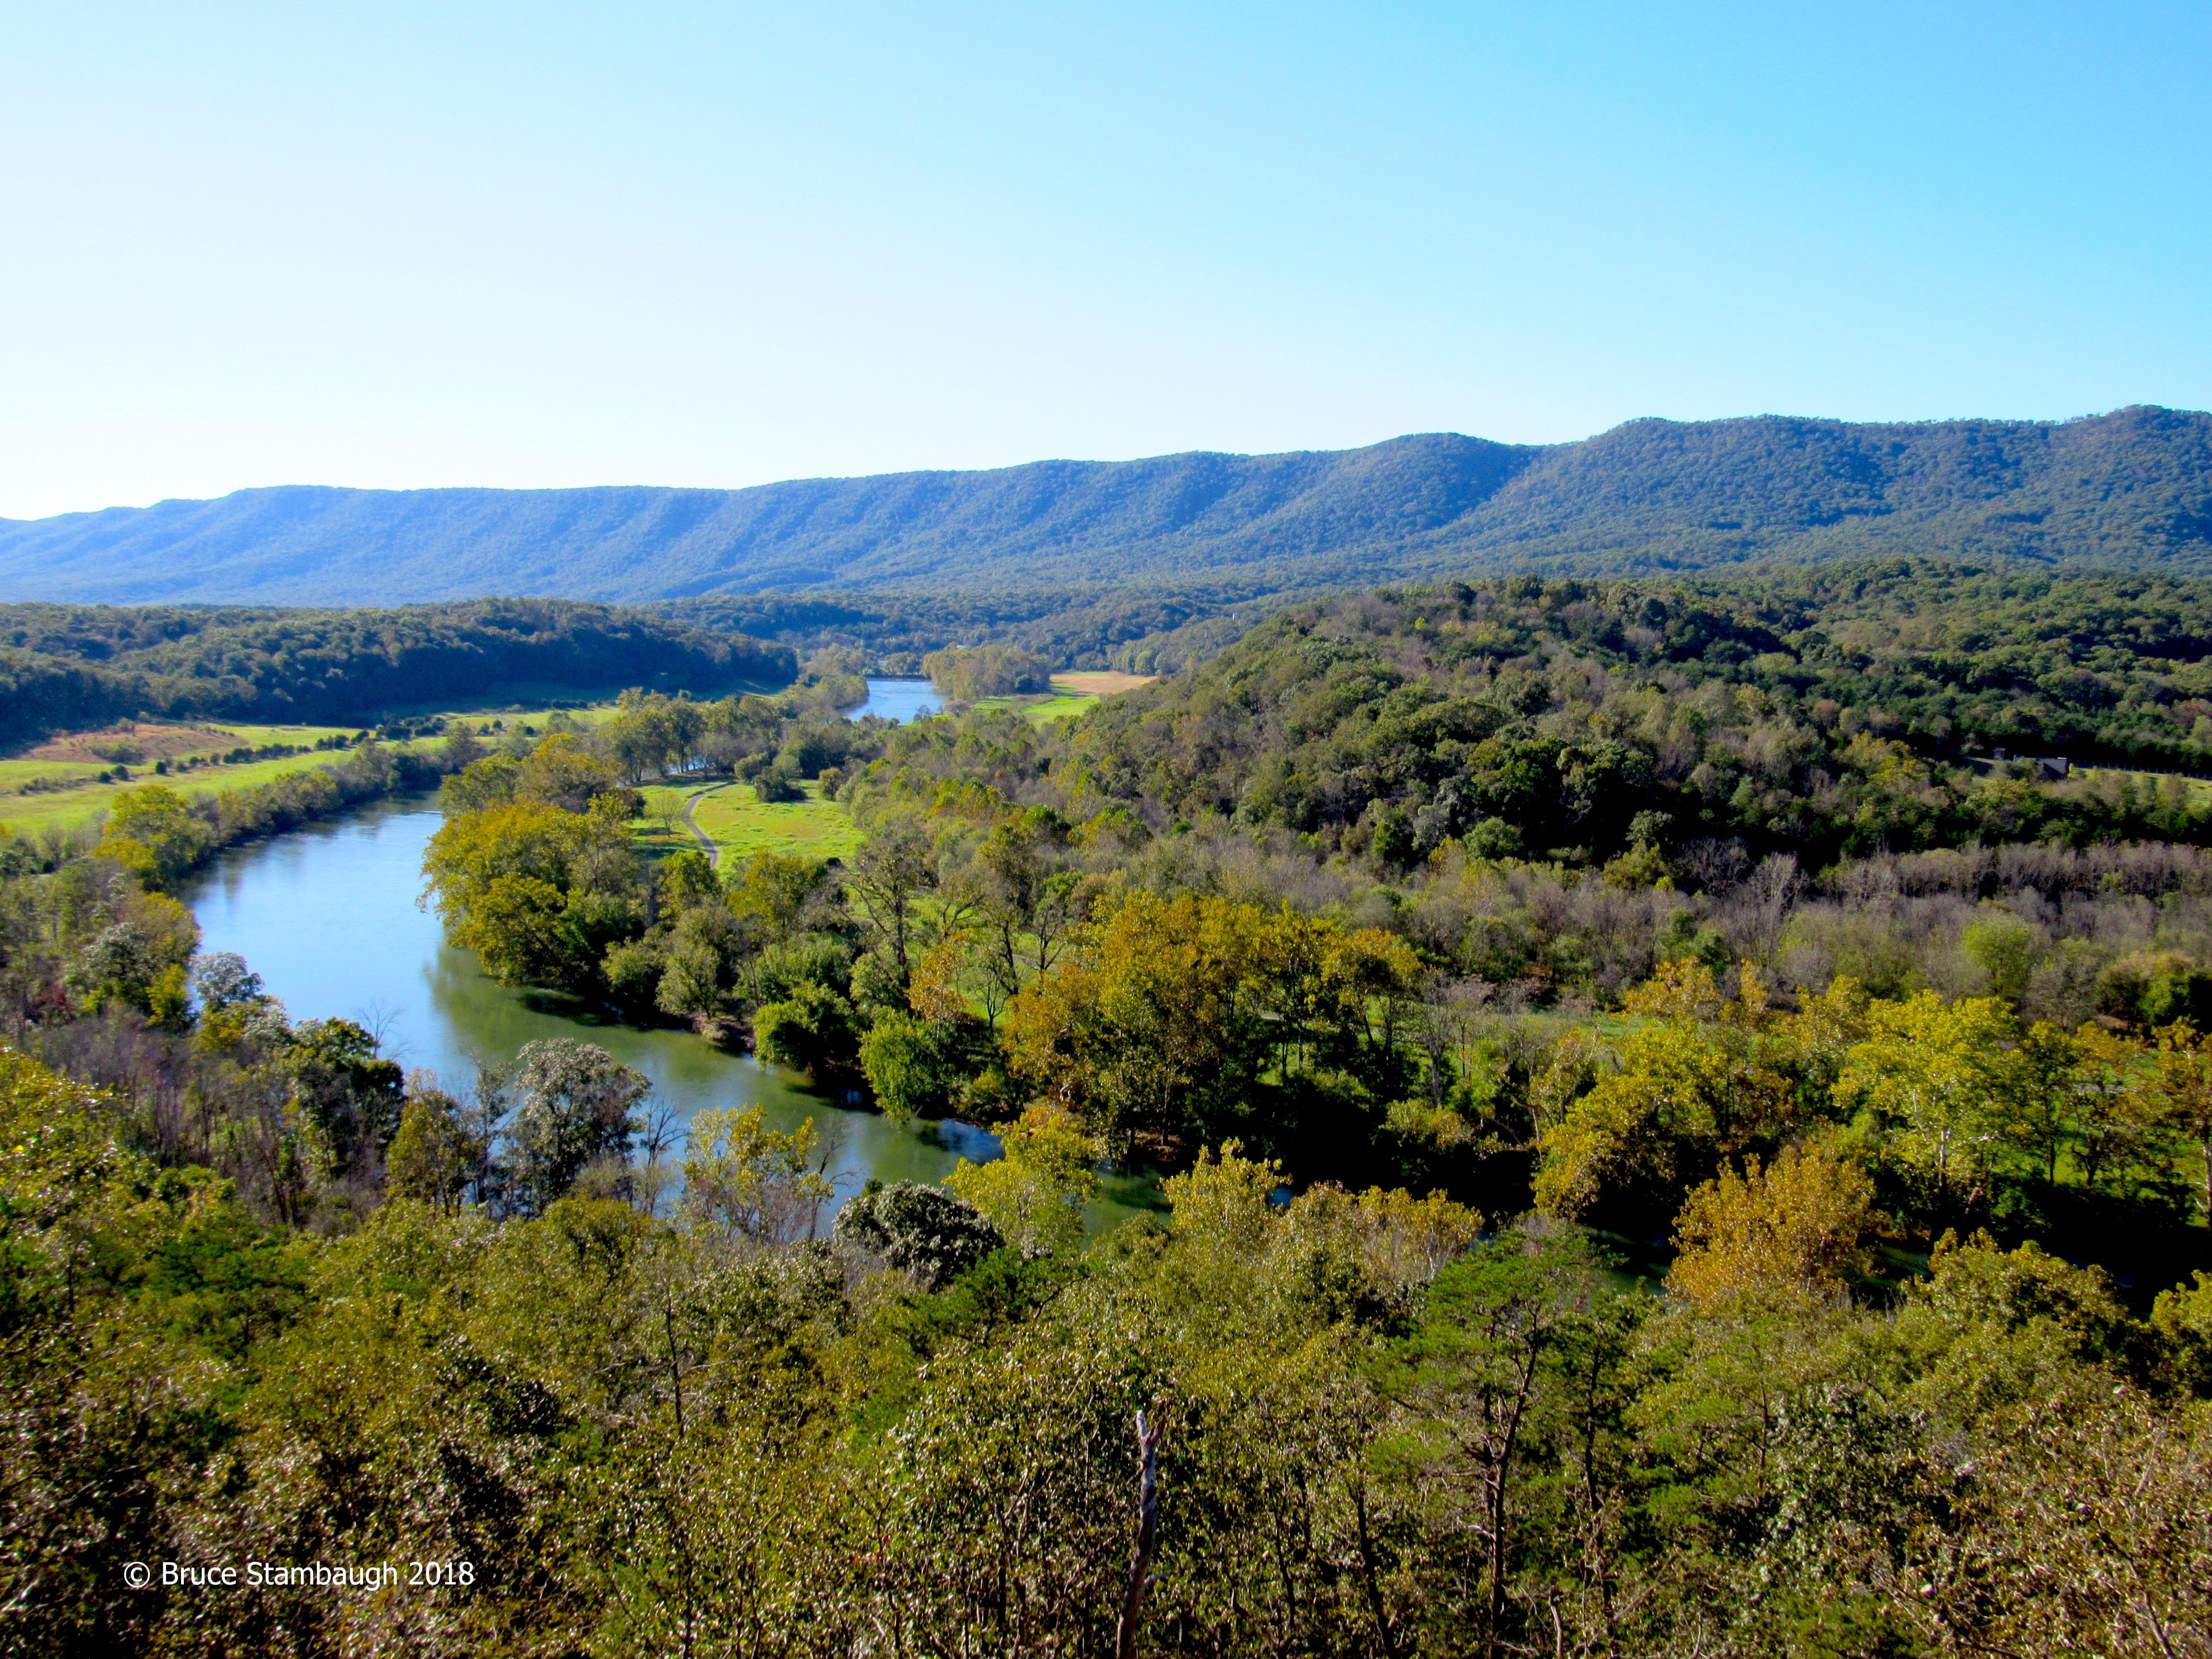 South Fork Shenandoah River, Shenandoah NP